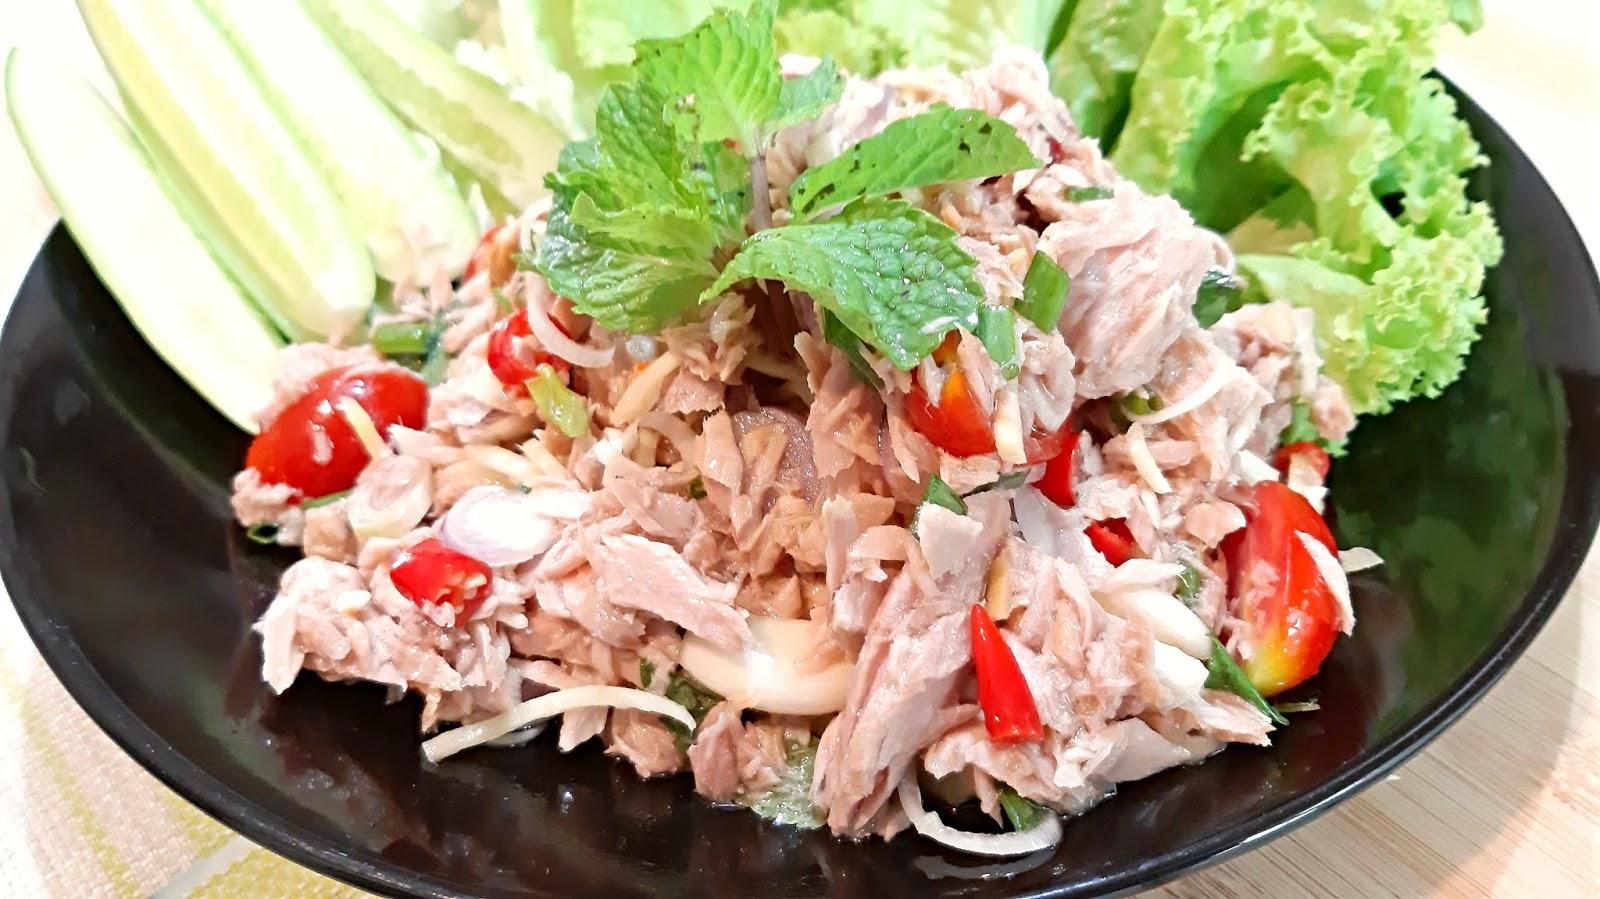 ยำทูน่า Spicy Tuna Salad เมนูอาหารสุขภาพ ยําปลาทูน่ากระป๋อง  ลดน้ำหนักด้วยอาหารง่าย ๆ กับข้าวเมนูยำทำกินเองที่บ้าน Thai Food - Health  can do